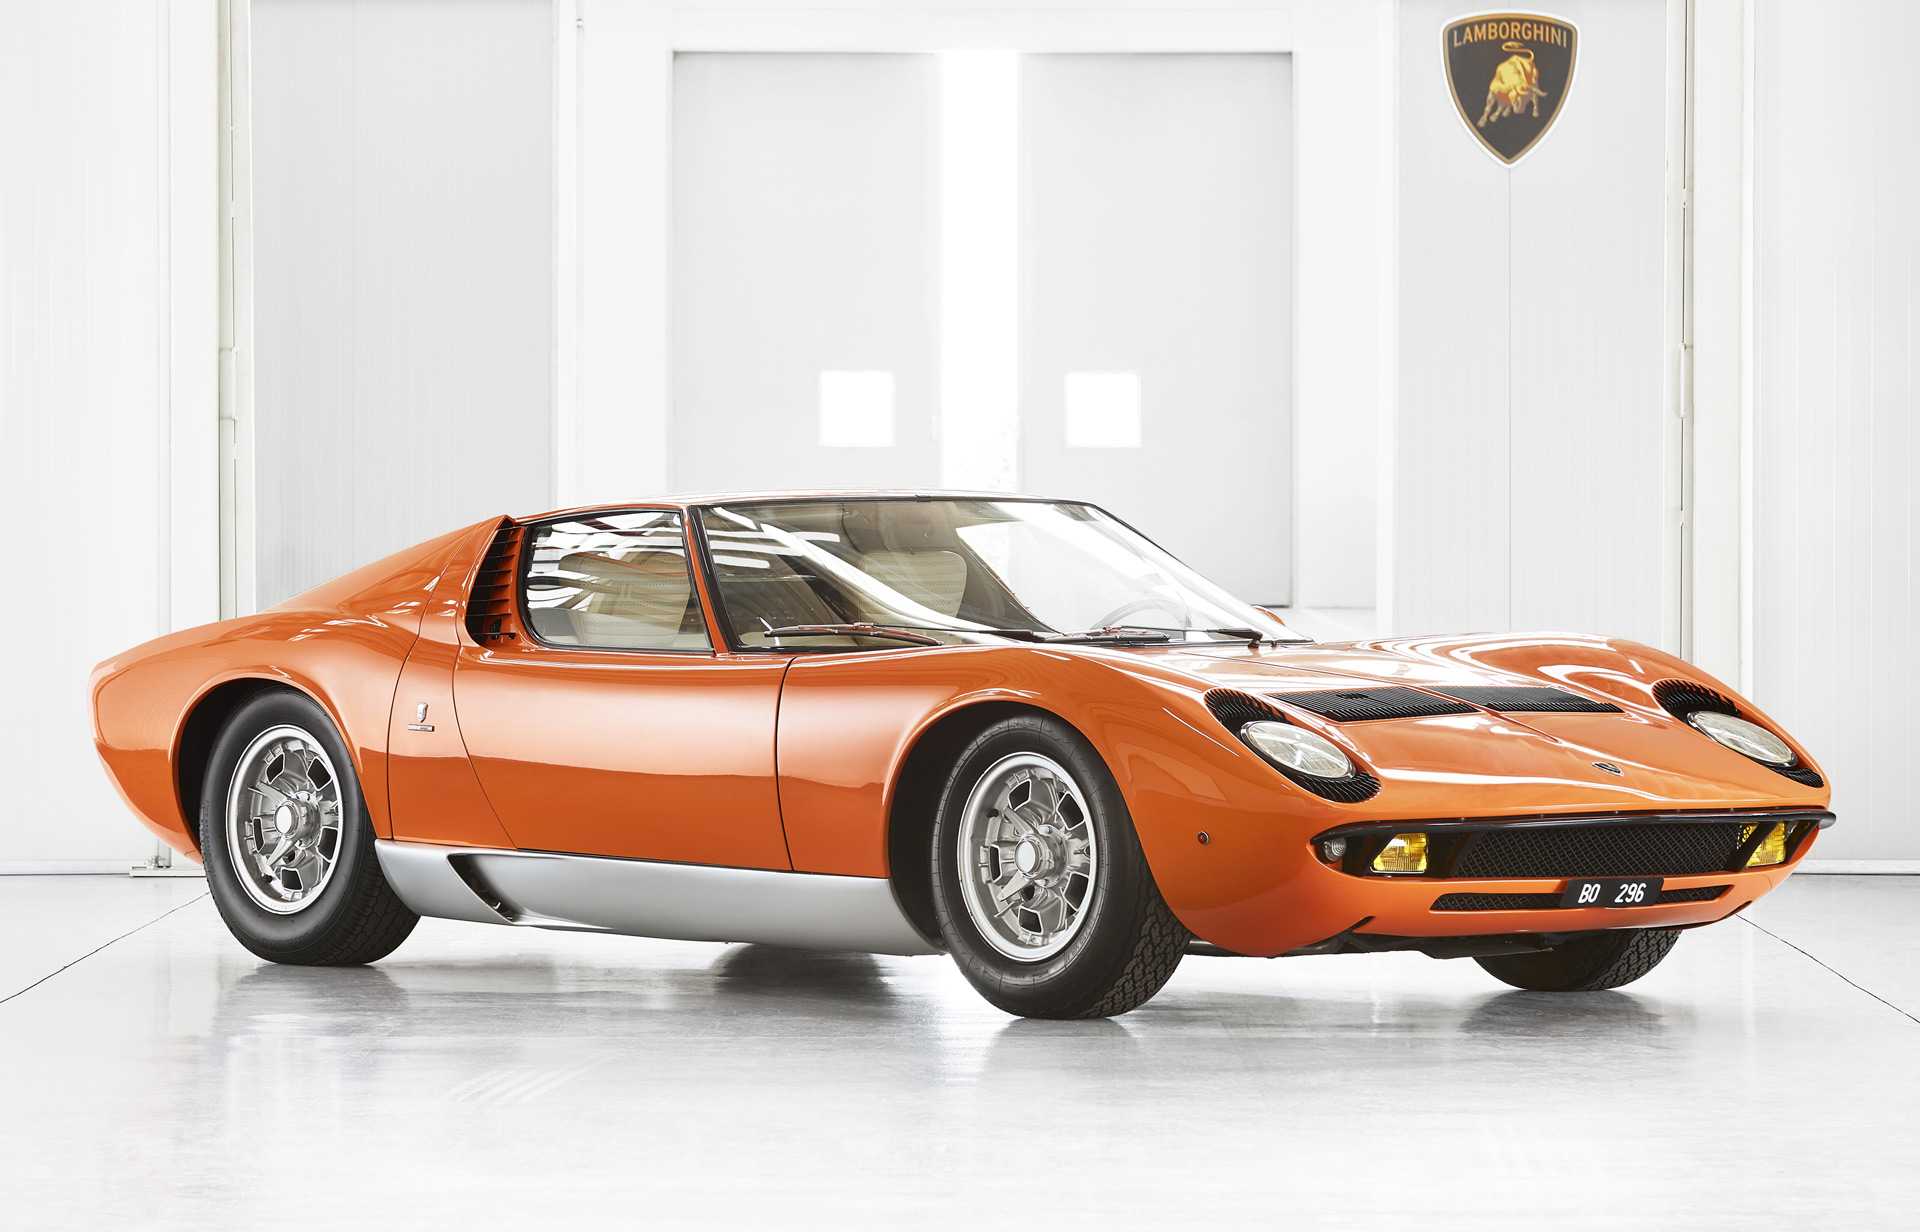 Lamborghini Restores The Miura Featured In The Italian Job